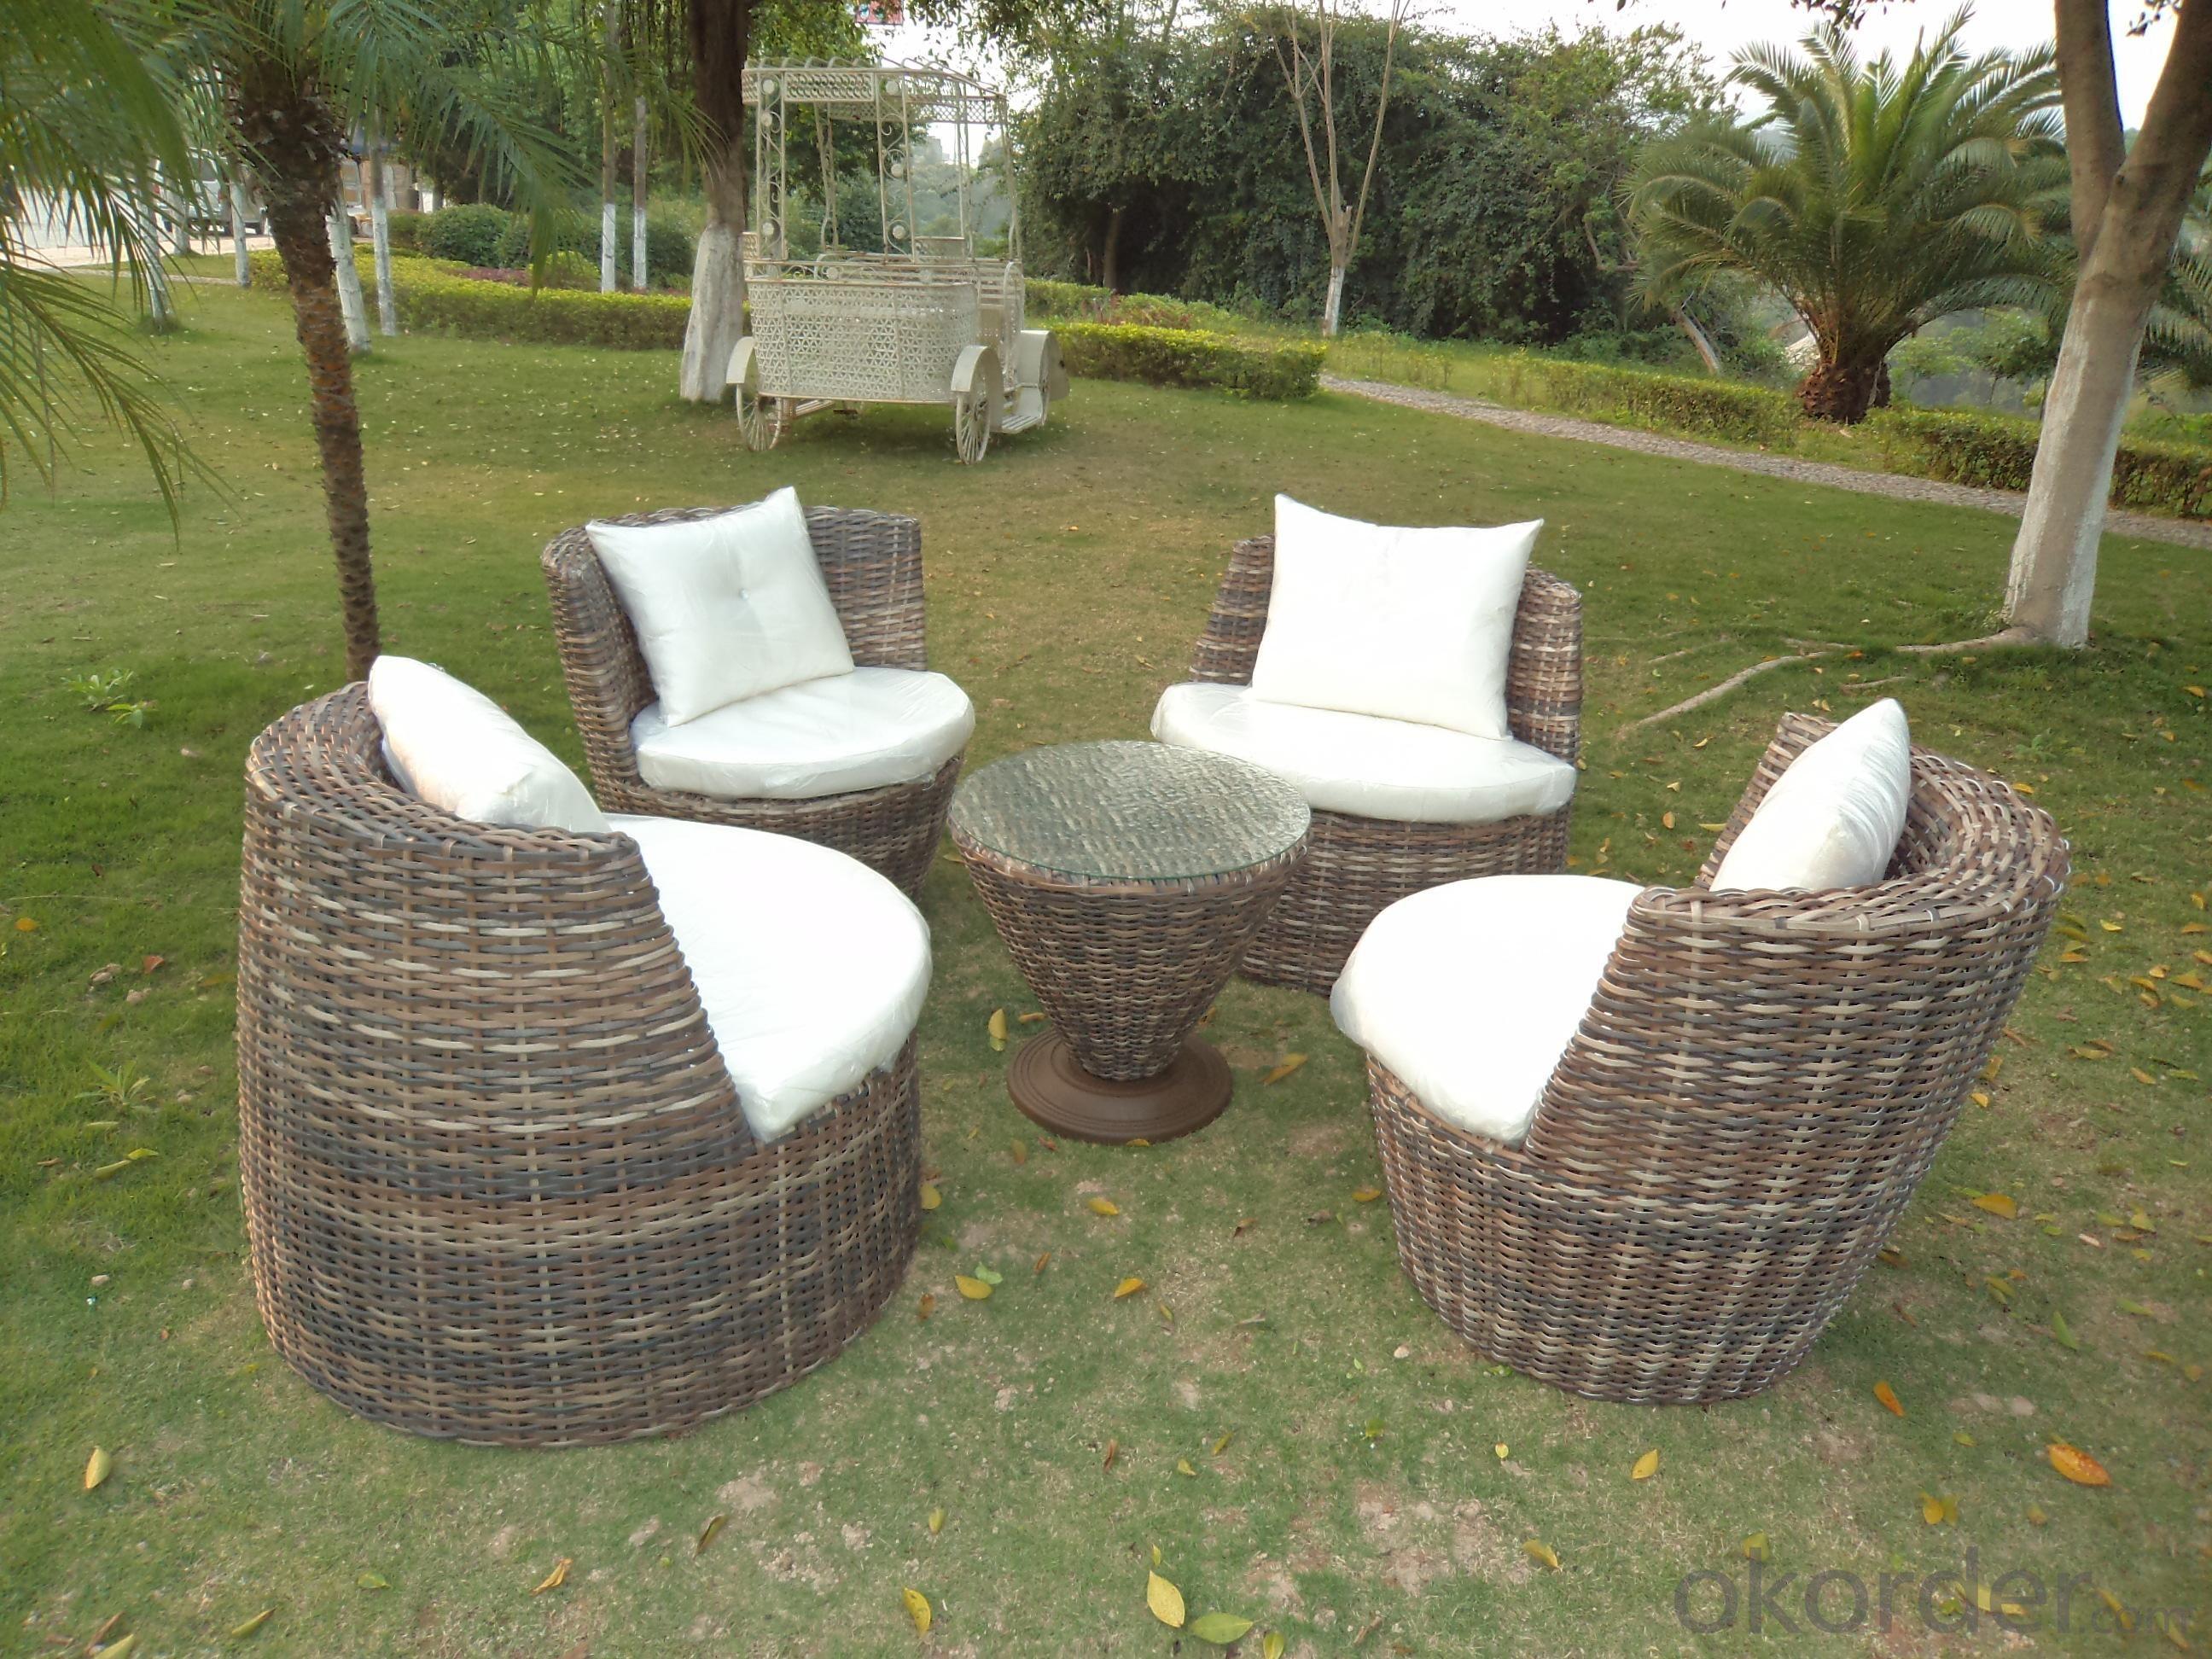 Rattan Iron Shelves Outdoor Garden Furniture Four Sofa And A Tea Table